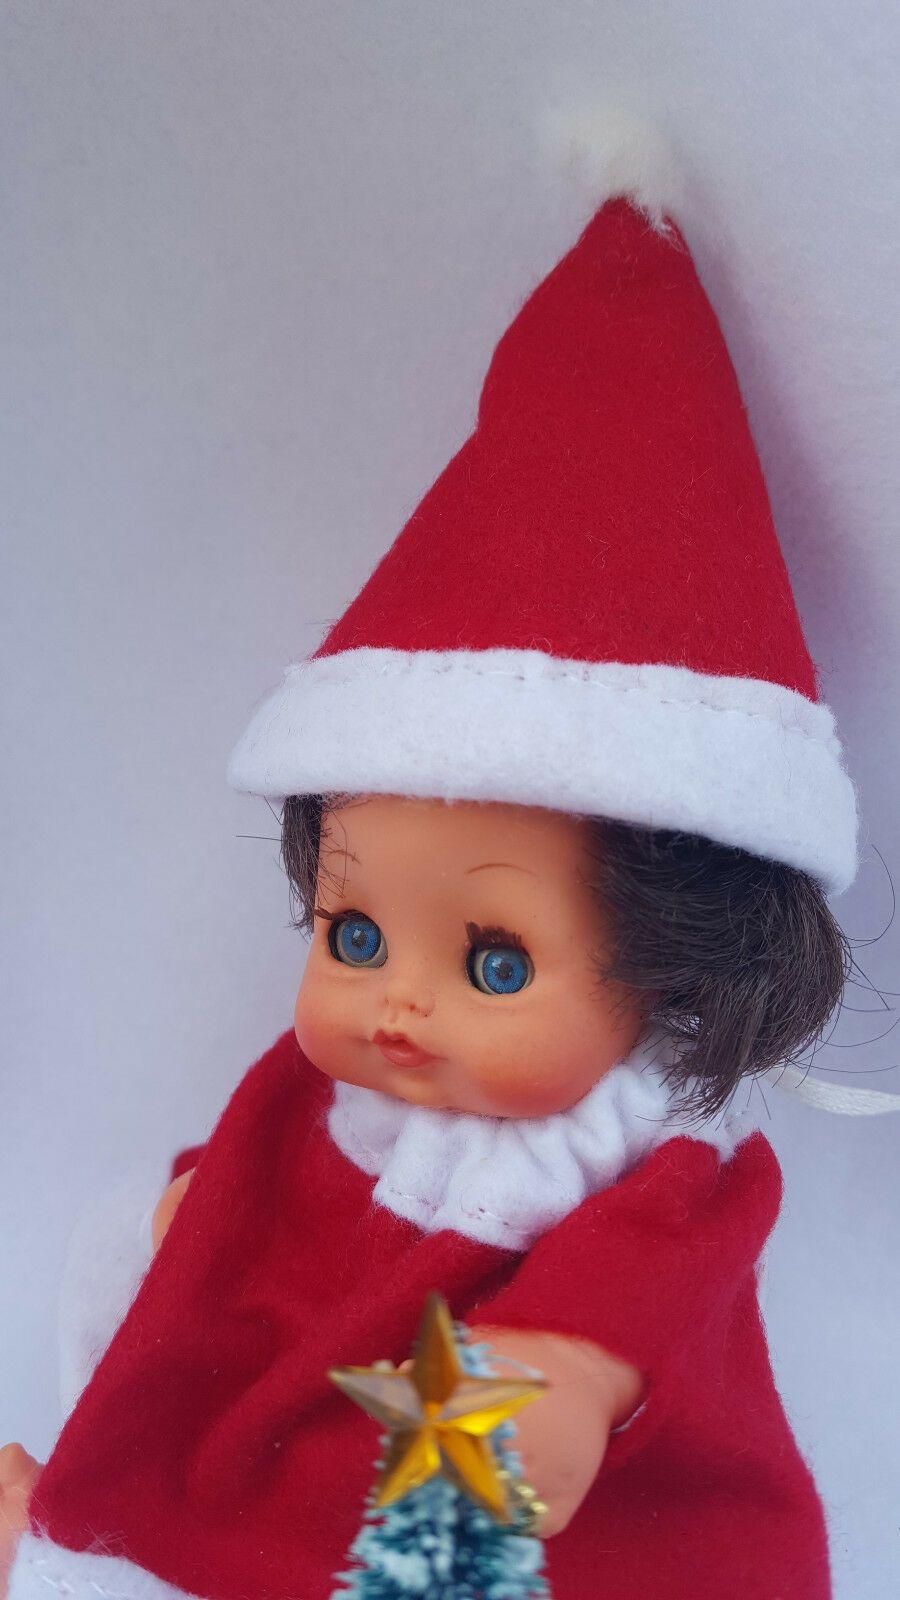 Decorazioni Natalizie Anni 70.Dettagli Su Bambola Mini Furga Vintage Doll Anni 70 Cacio Pera Babbo